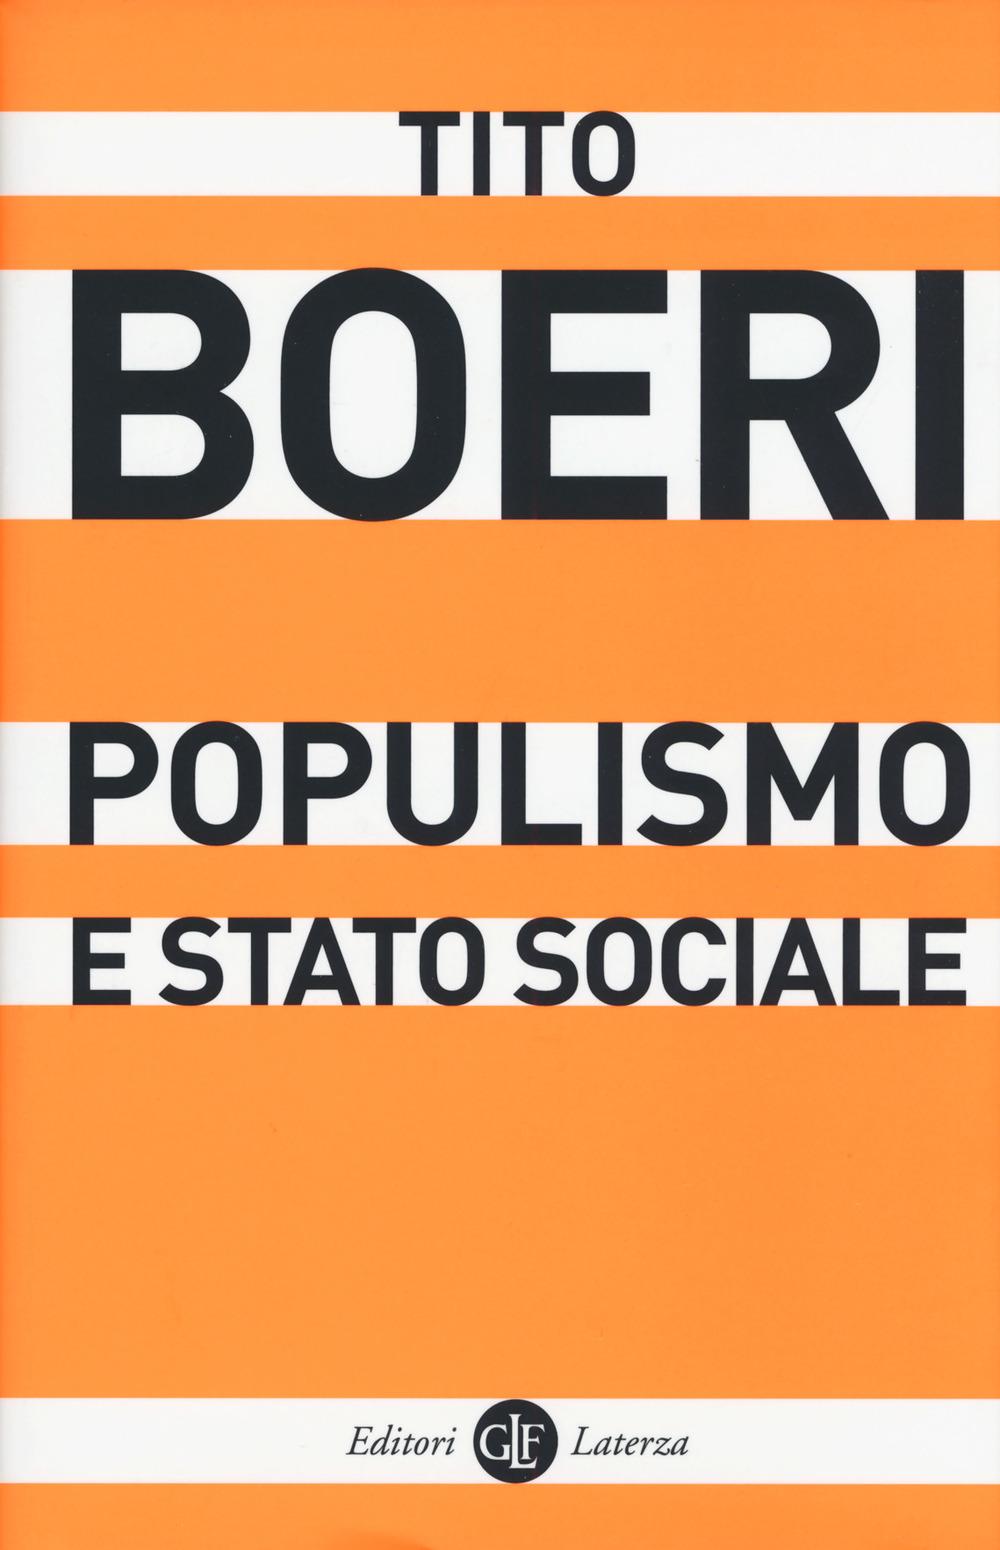 POPULISMO E STATO SOCIALE - 9788858129647